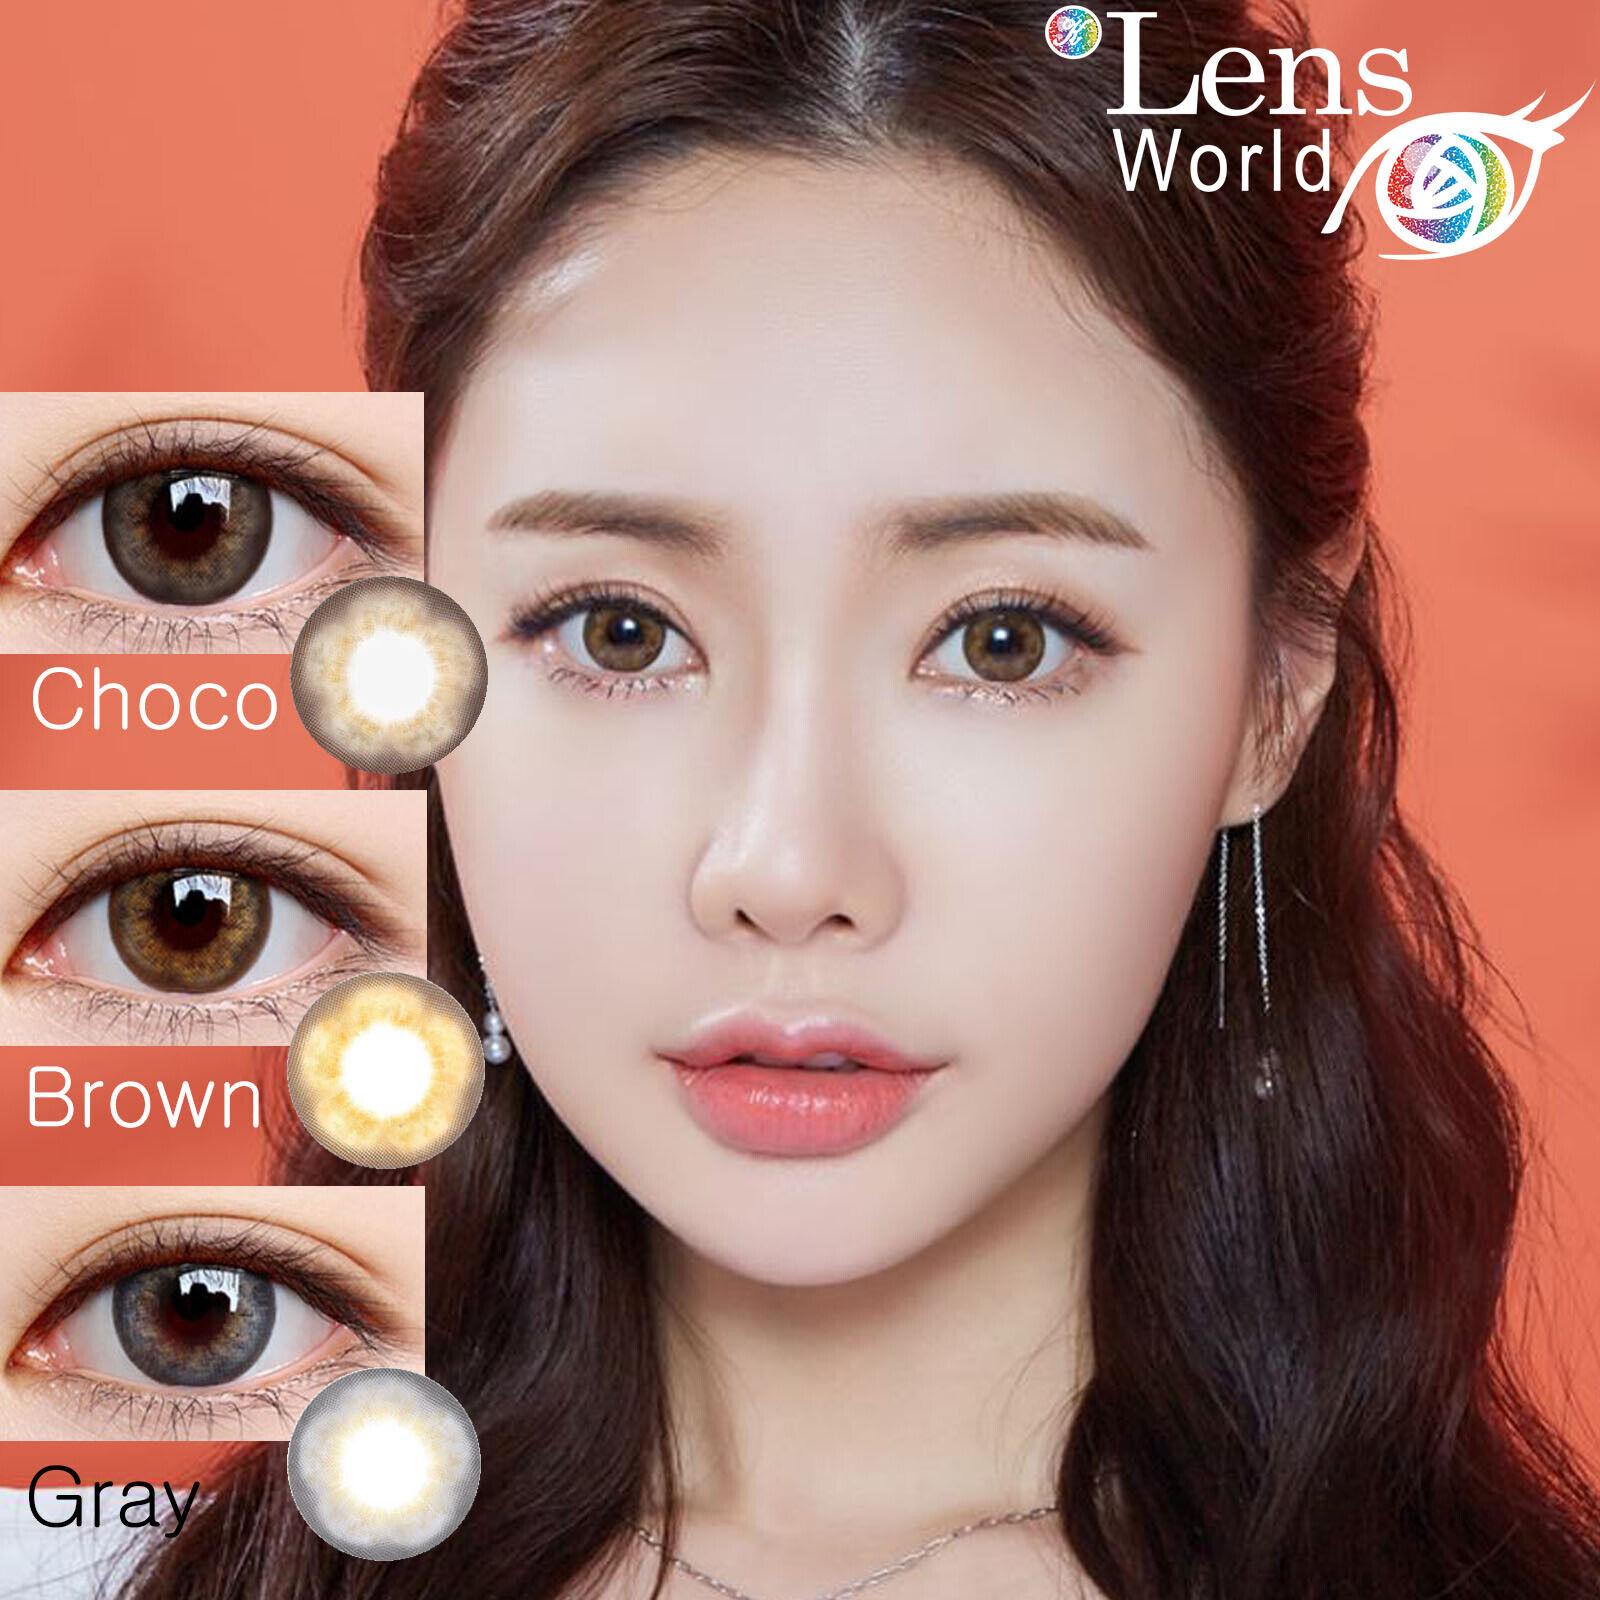 Big Size Bloom Gray-Farbige Kontaktlinsen-Stärke-Korea Color Contact Lenses-14.5